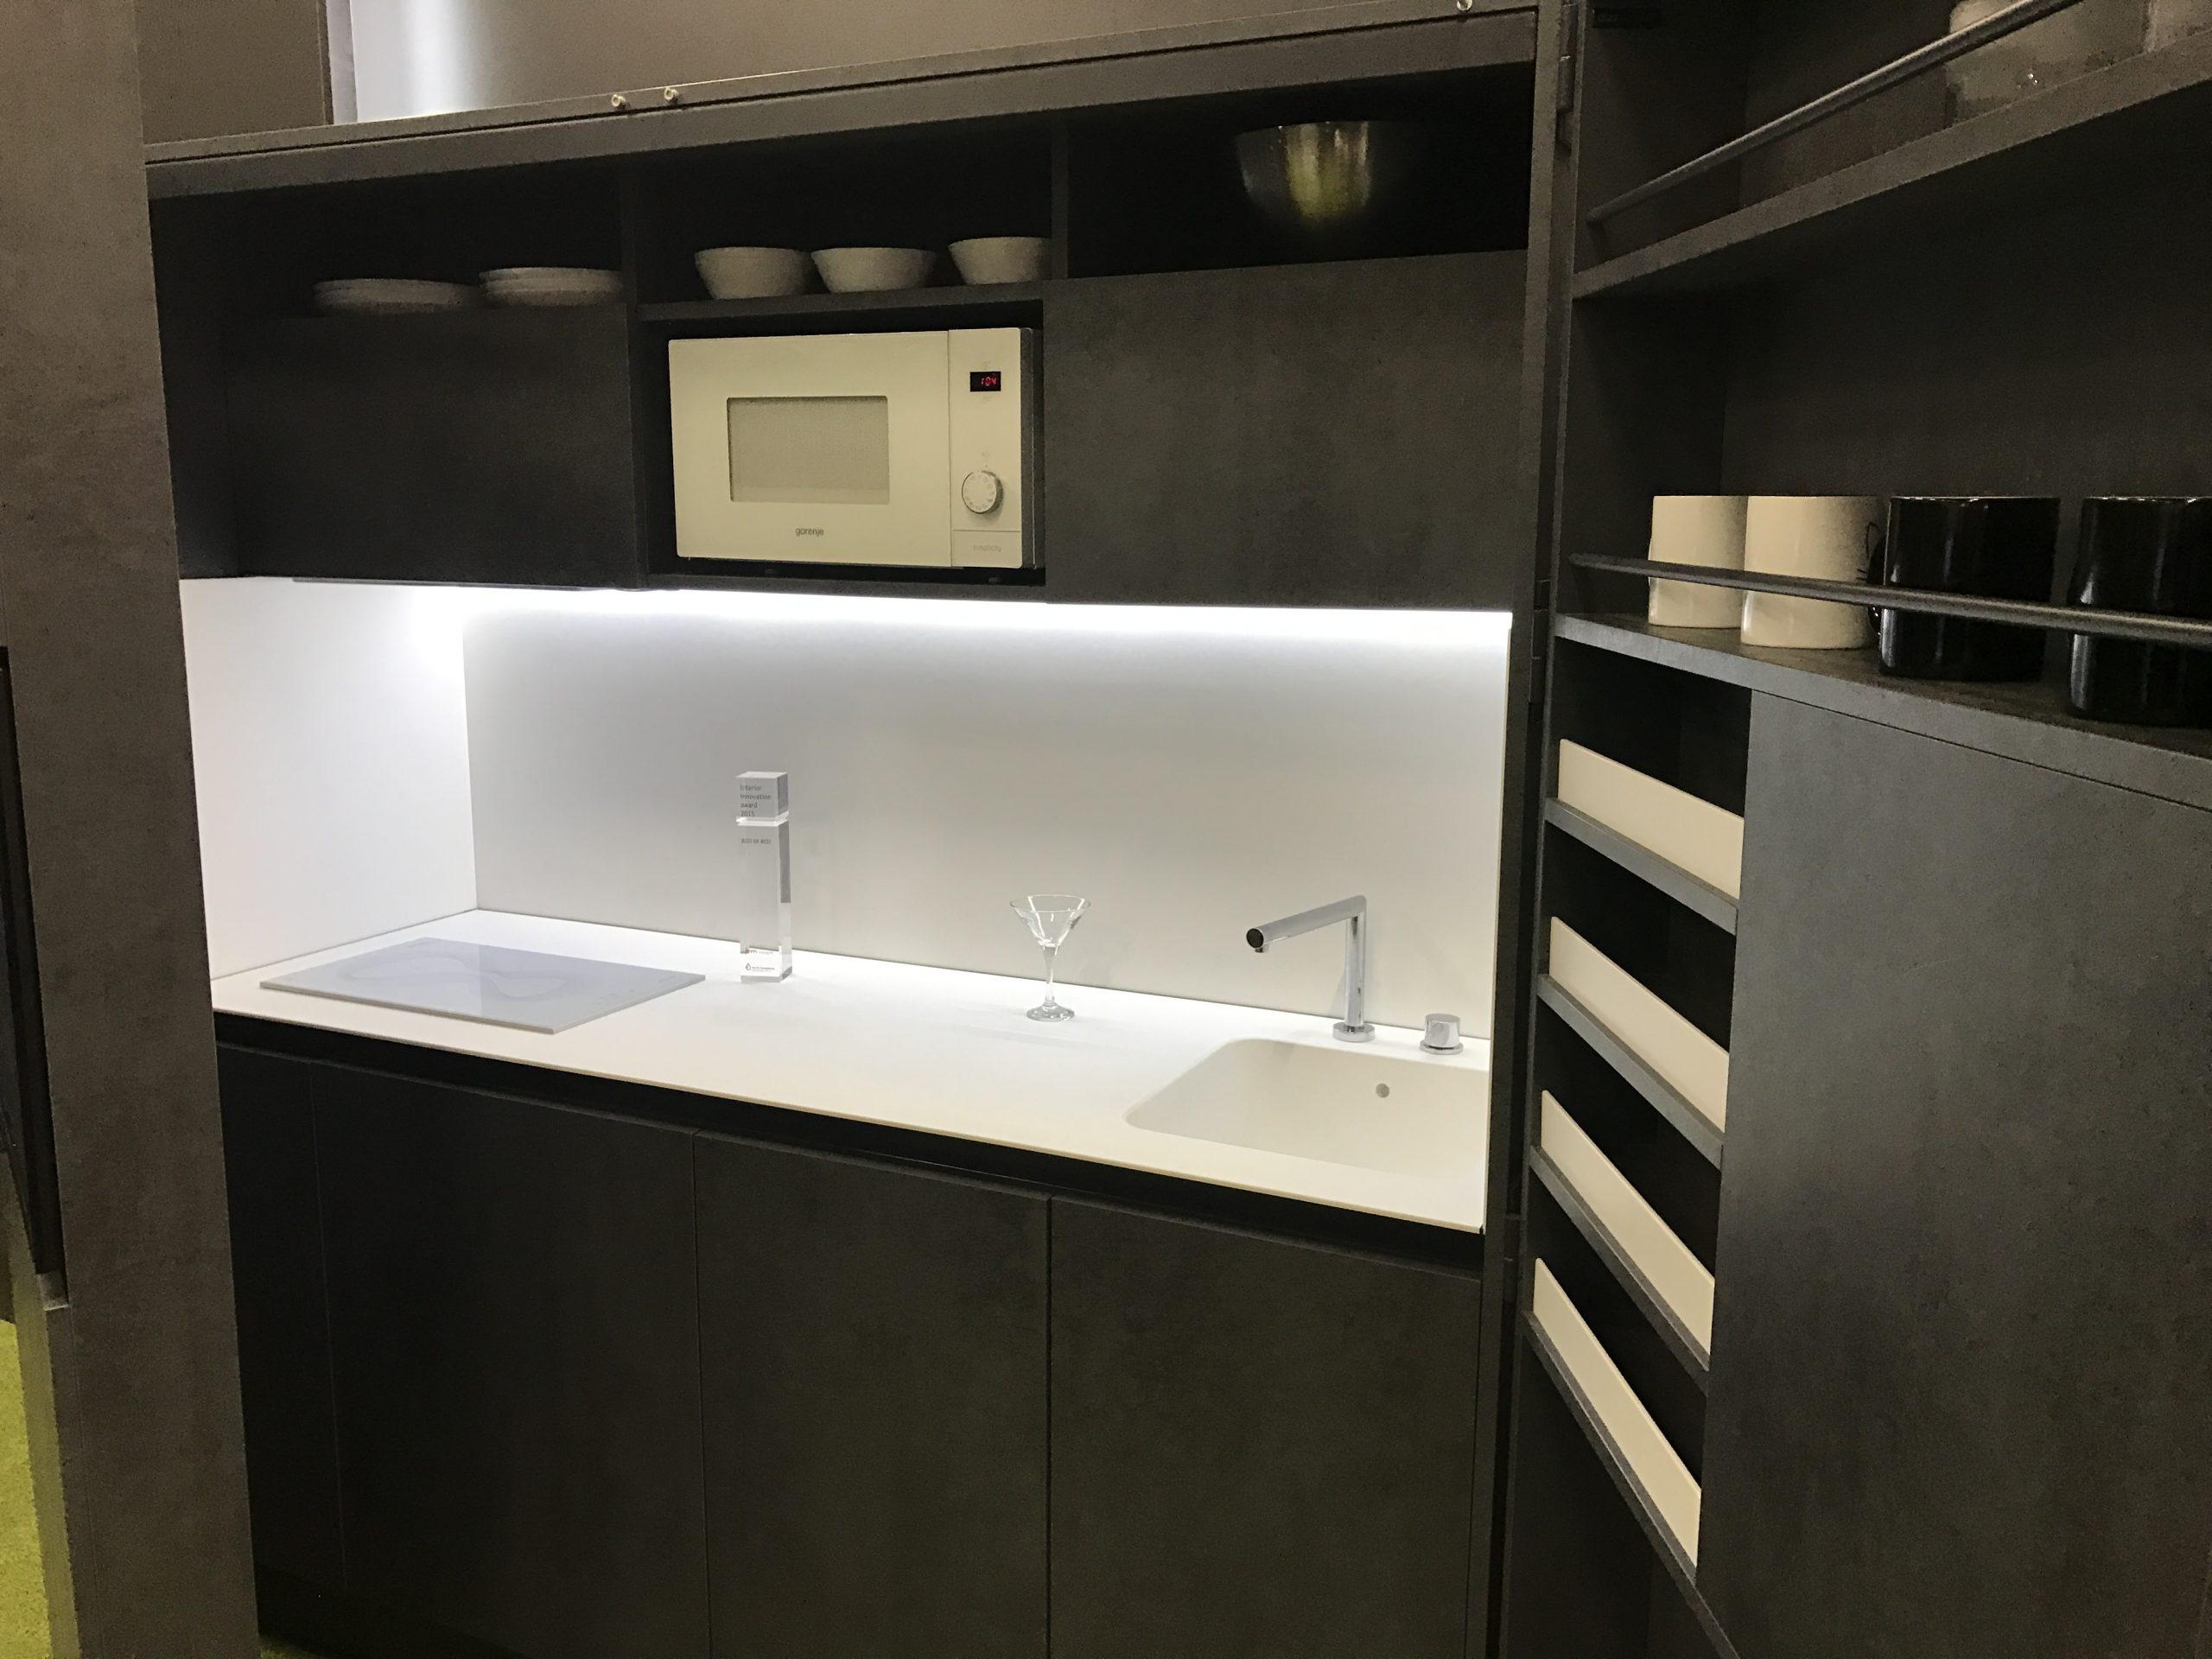 Full Size of Büro Küche Mit Kühlschrank Und Geschirrspüler Büro Küche Ikea In Der Büroküche Gibts Kuchen Büroküche 180 Cm Küche Büroküche